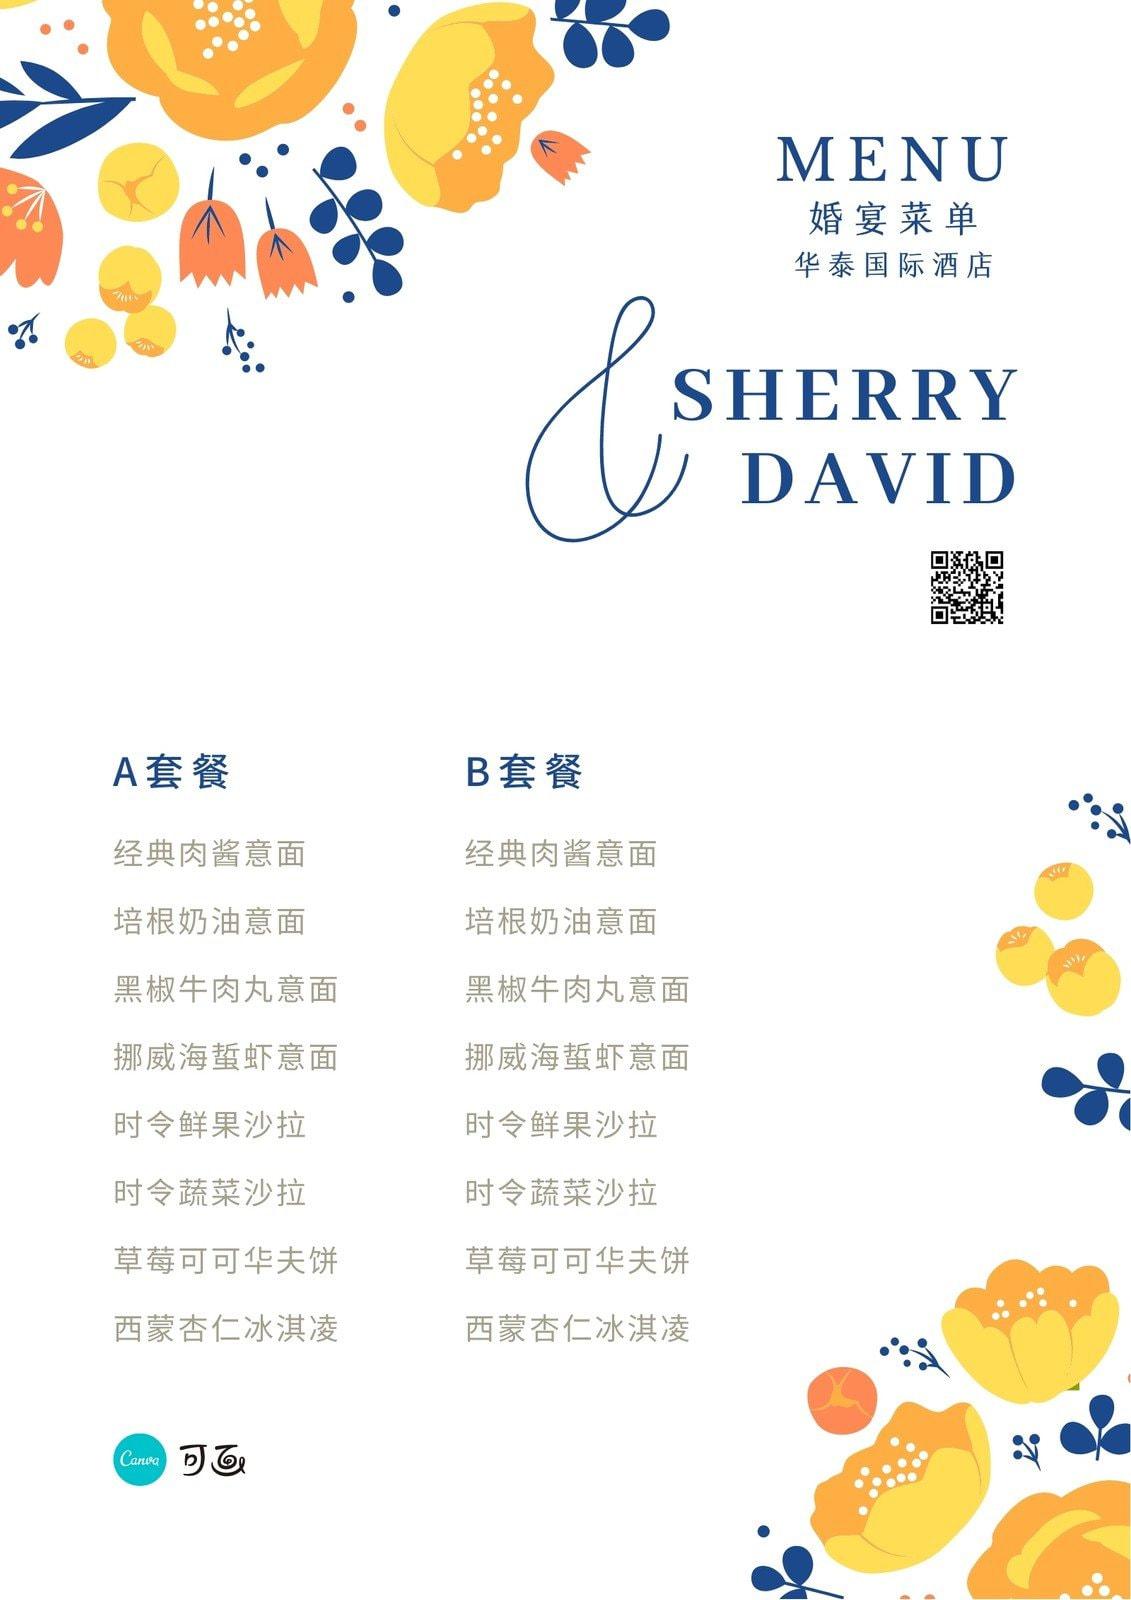 黄蓝色花朵花卉矢量婚礼菜单